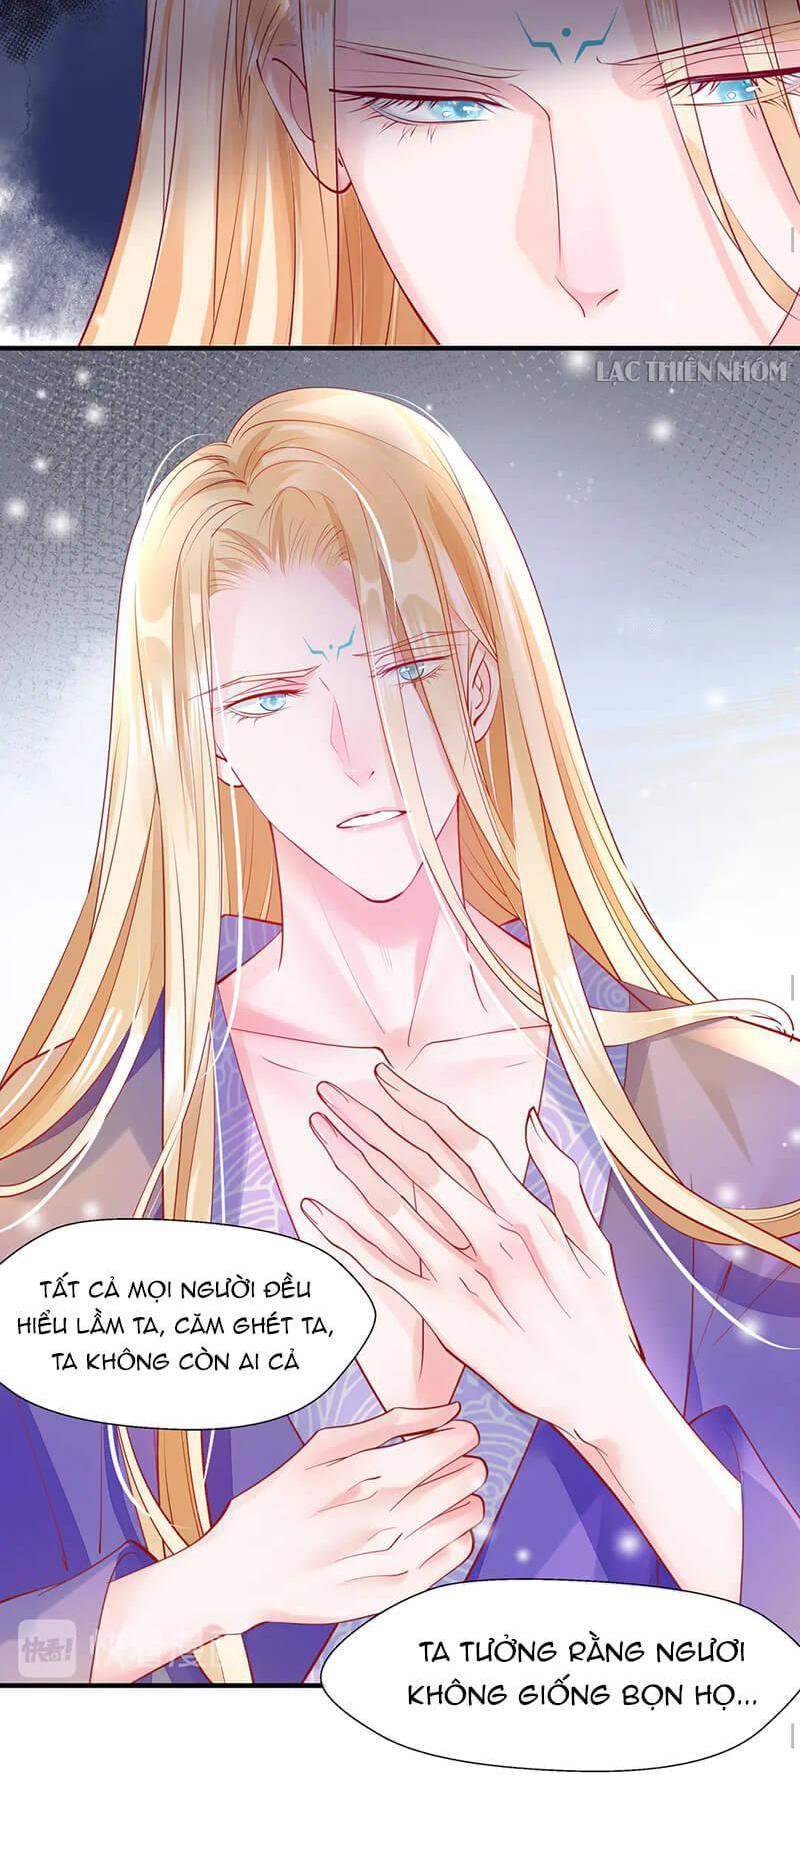 Ma Tôn Muốn Ôm Ôm: Chapter 69